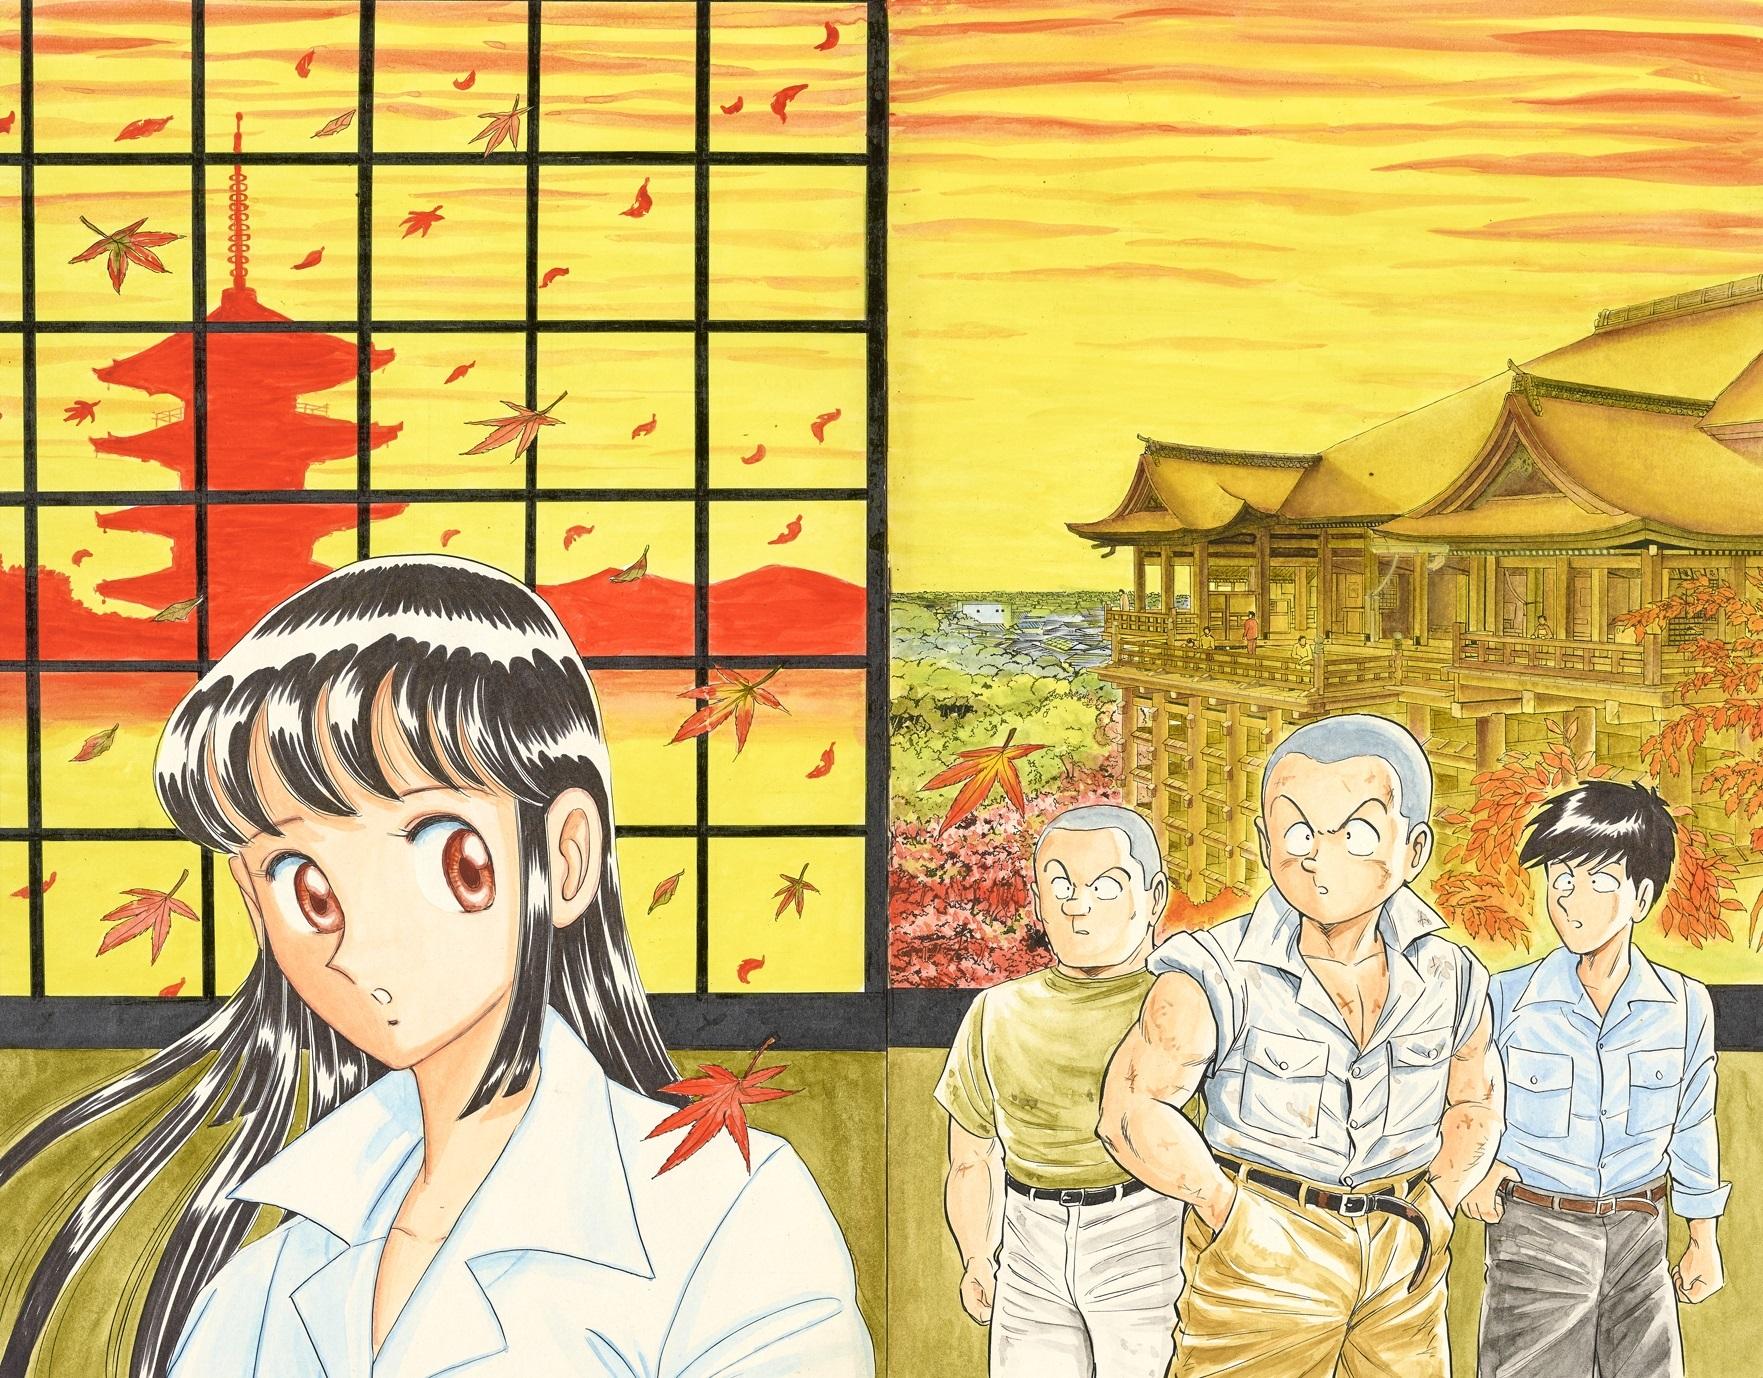 ジャンプコミックス102巻「古都の走馬灯の巻」原画(5月1日~5月14日展示)